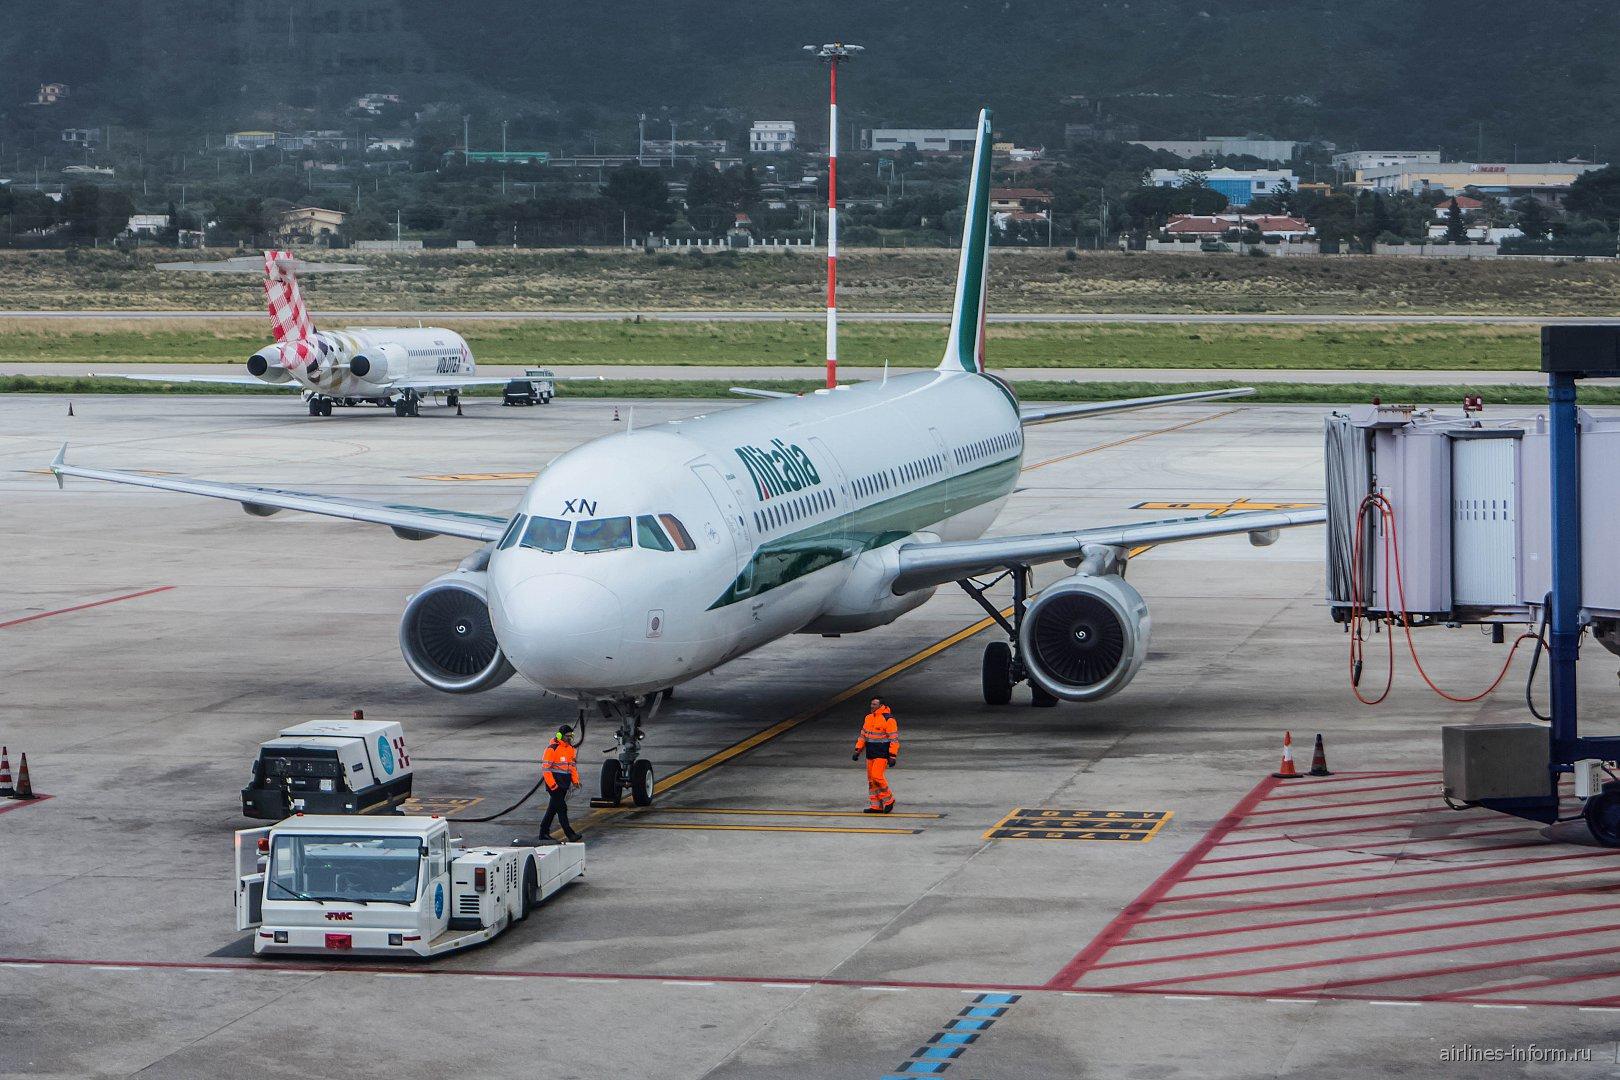 Airbus A321 авиакомпании Alitalia в аэропорту Палермо